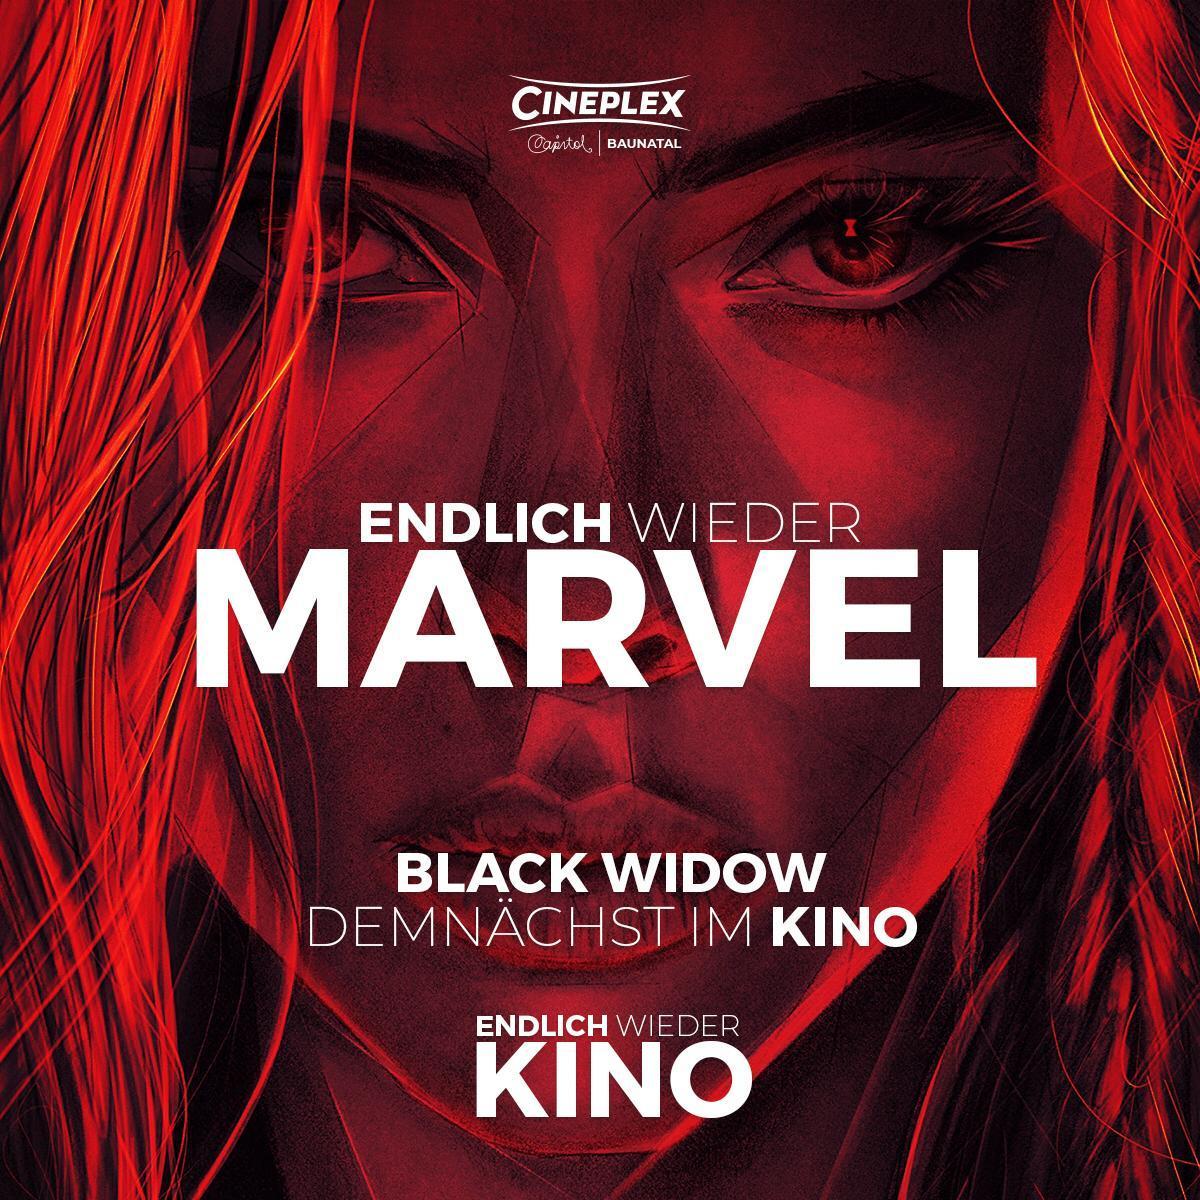 """Endlich wieder Kino Endlich wieder... MARVEL  Freut euch am 28.10. auf """"Black Widow""""   Wir sind ab dem 04.06. wieder für euch im Cineplex Baunatal da pic.twitter.com/zXxClXBS9x"""